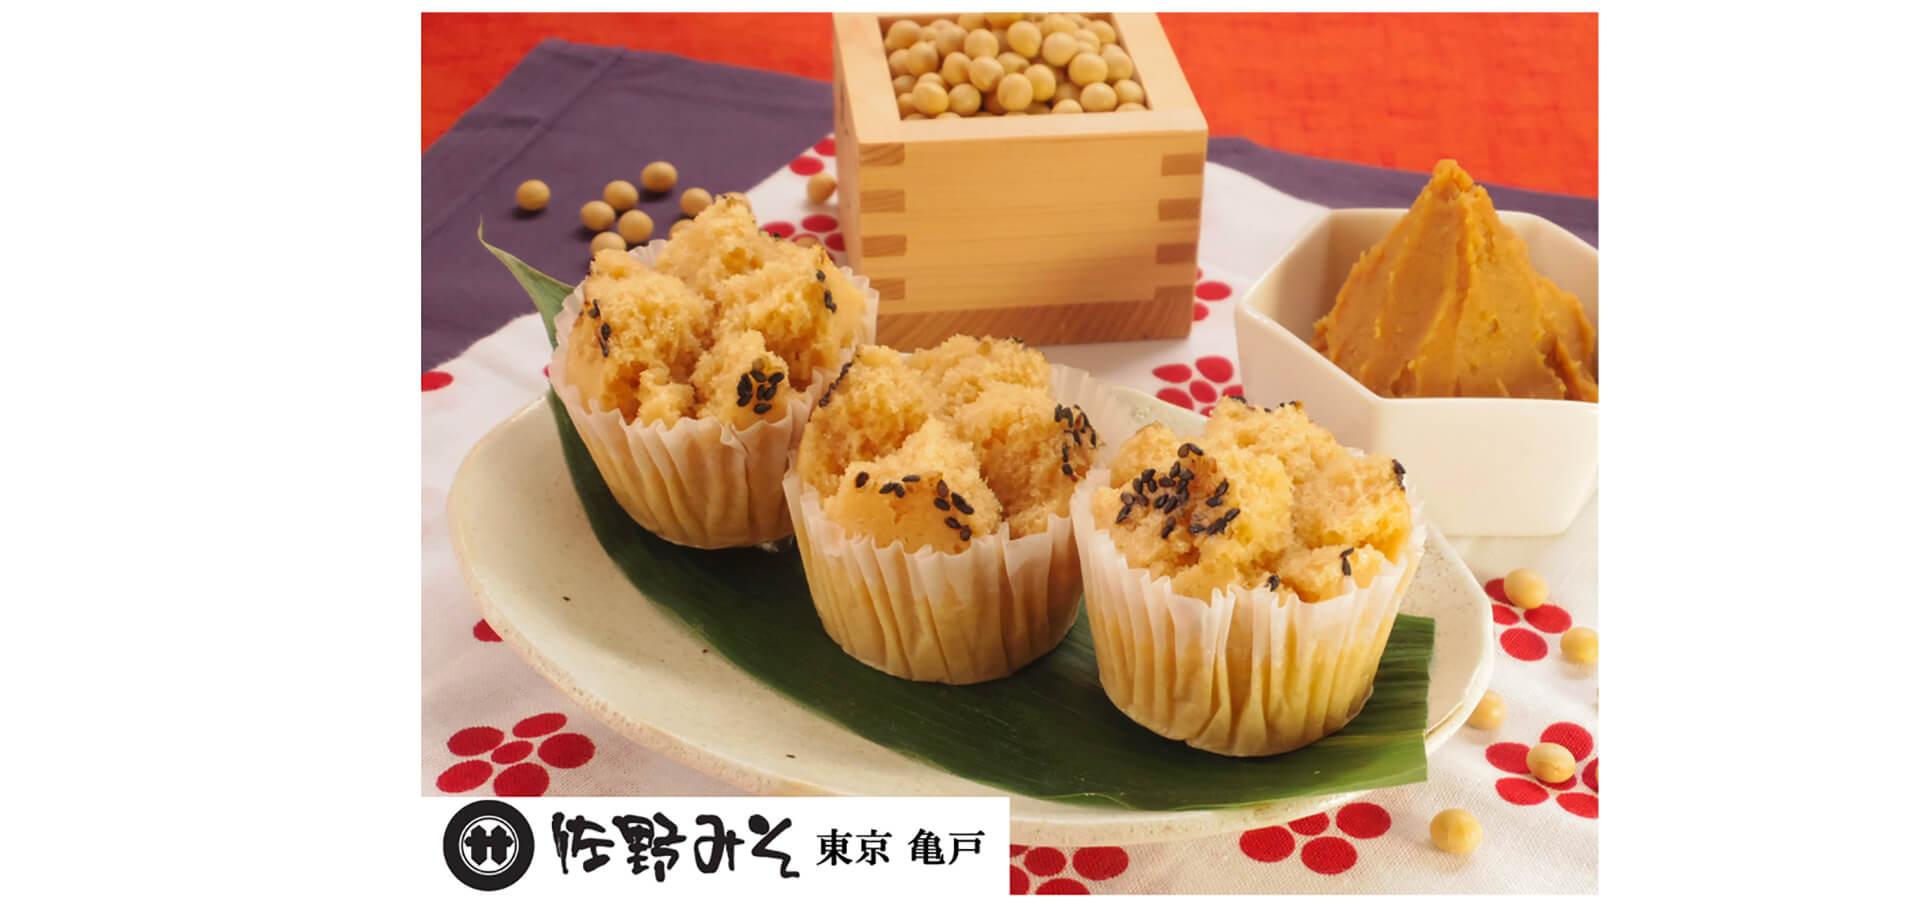 「手作り味噌」東京ガス料理教室